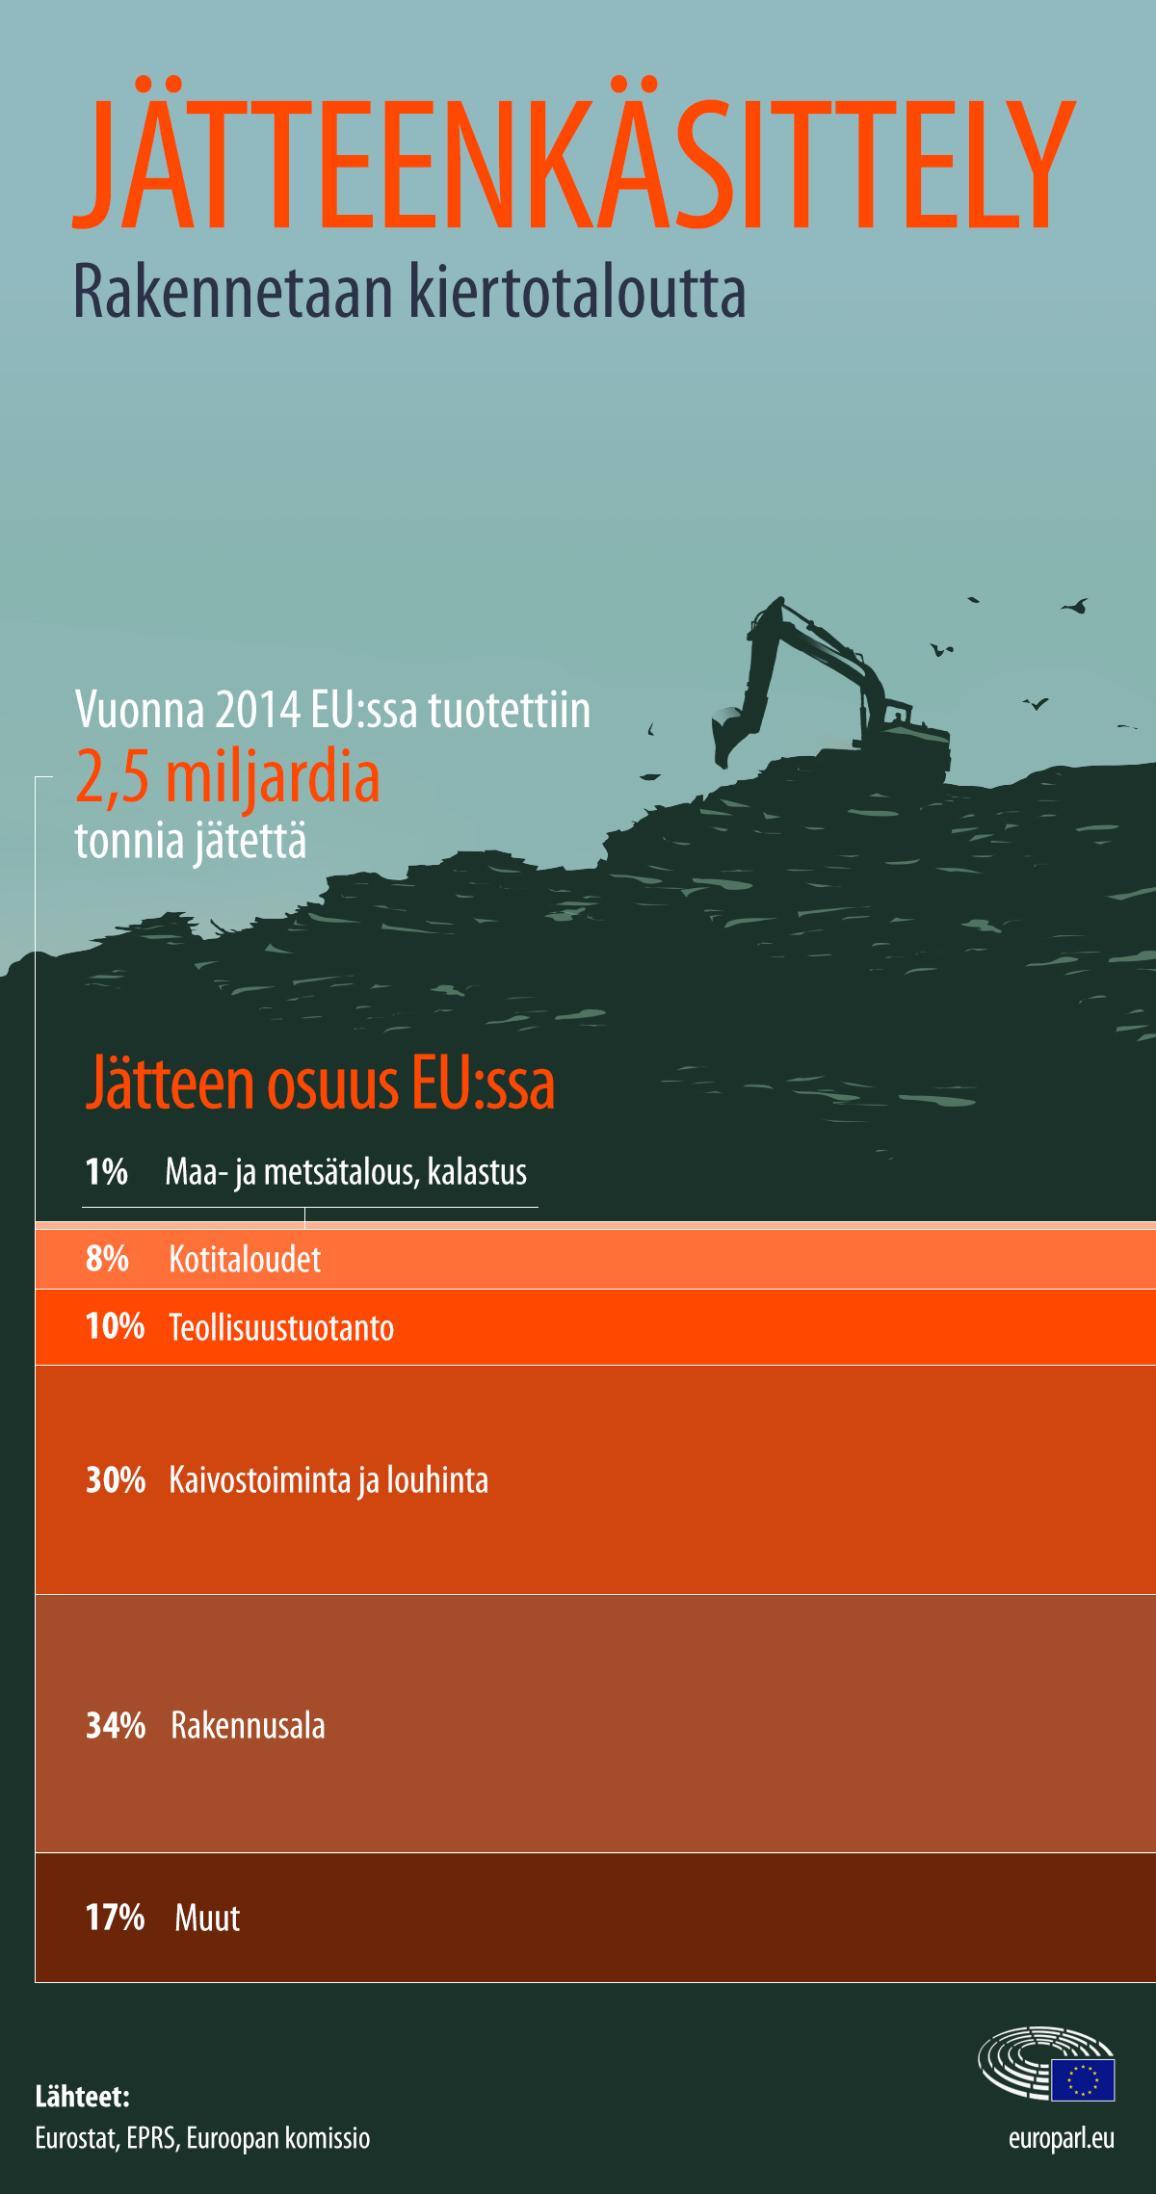 Infografiikka alakohtaisesta jätteentuotannosta EU:ssa